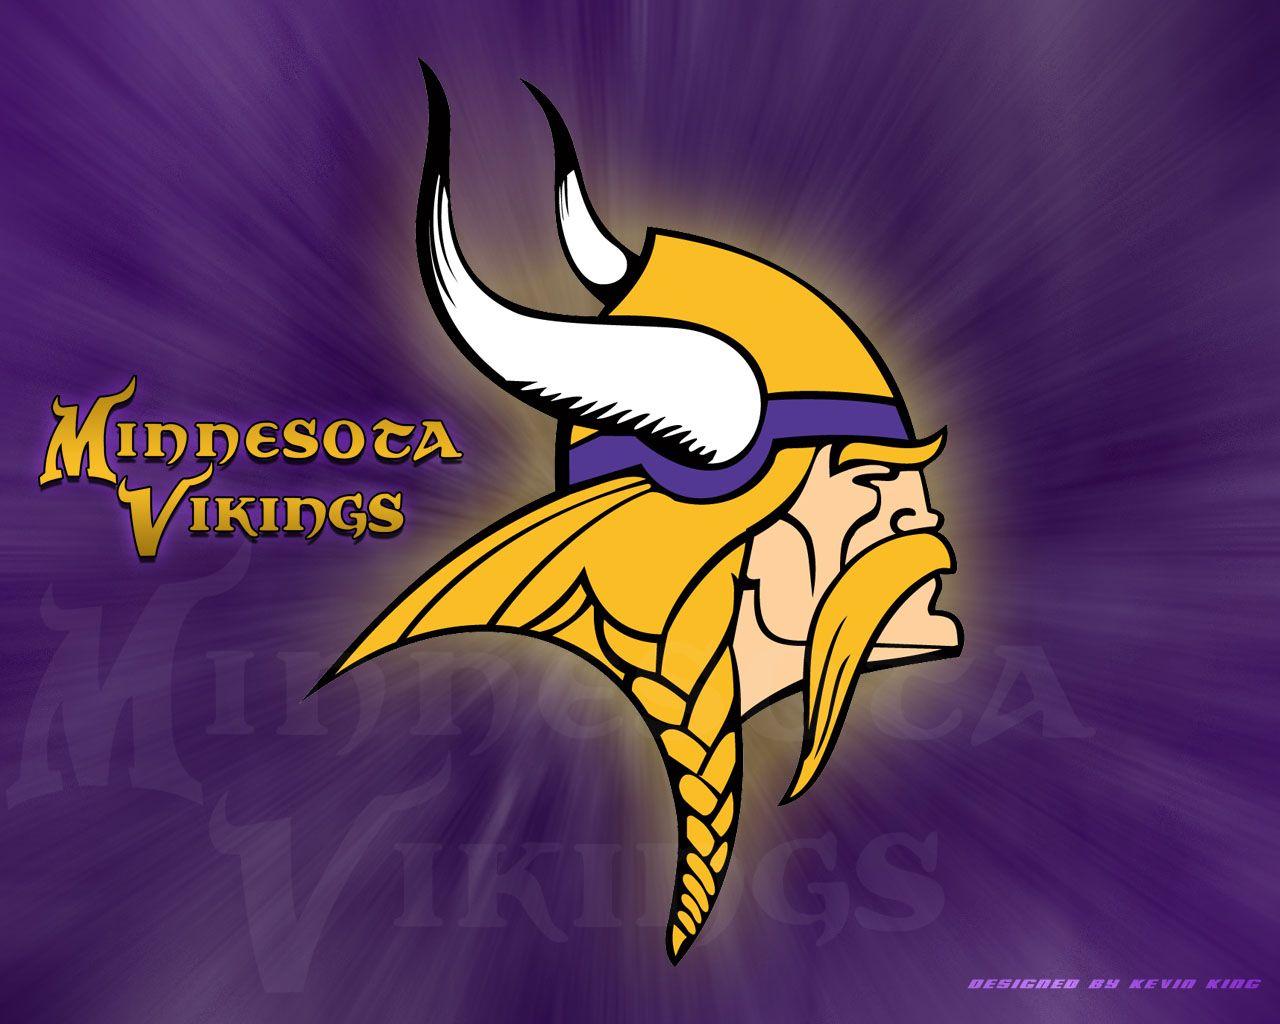 Minnesota Vikings minneapolis, minnesota Pinterest